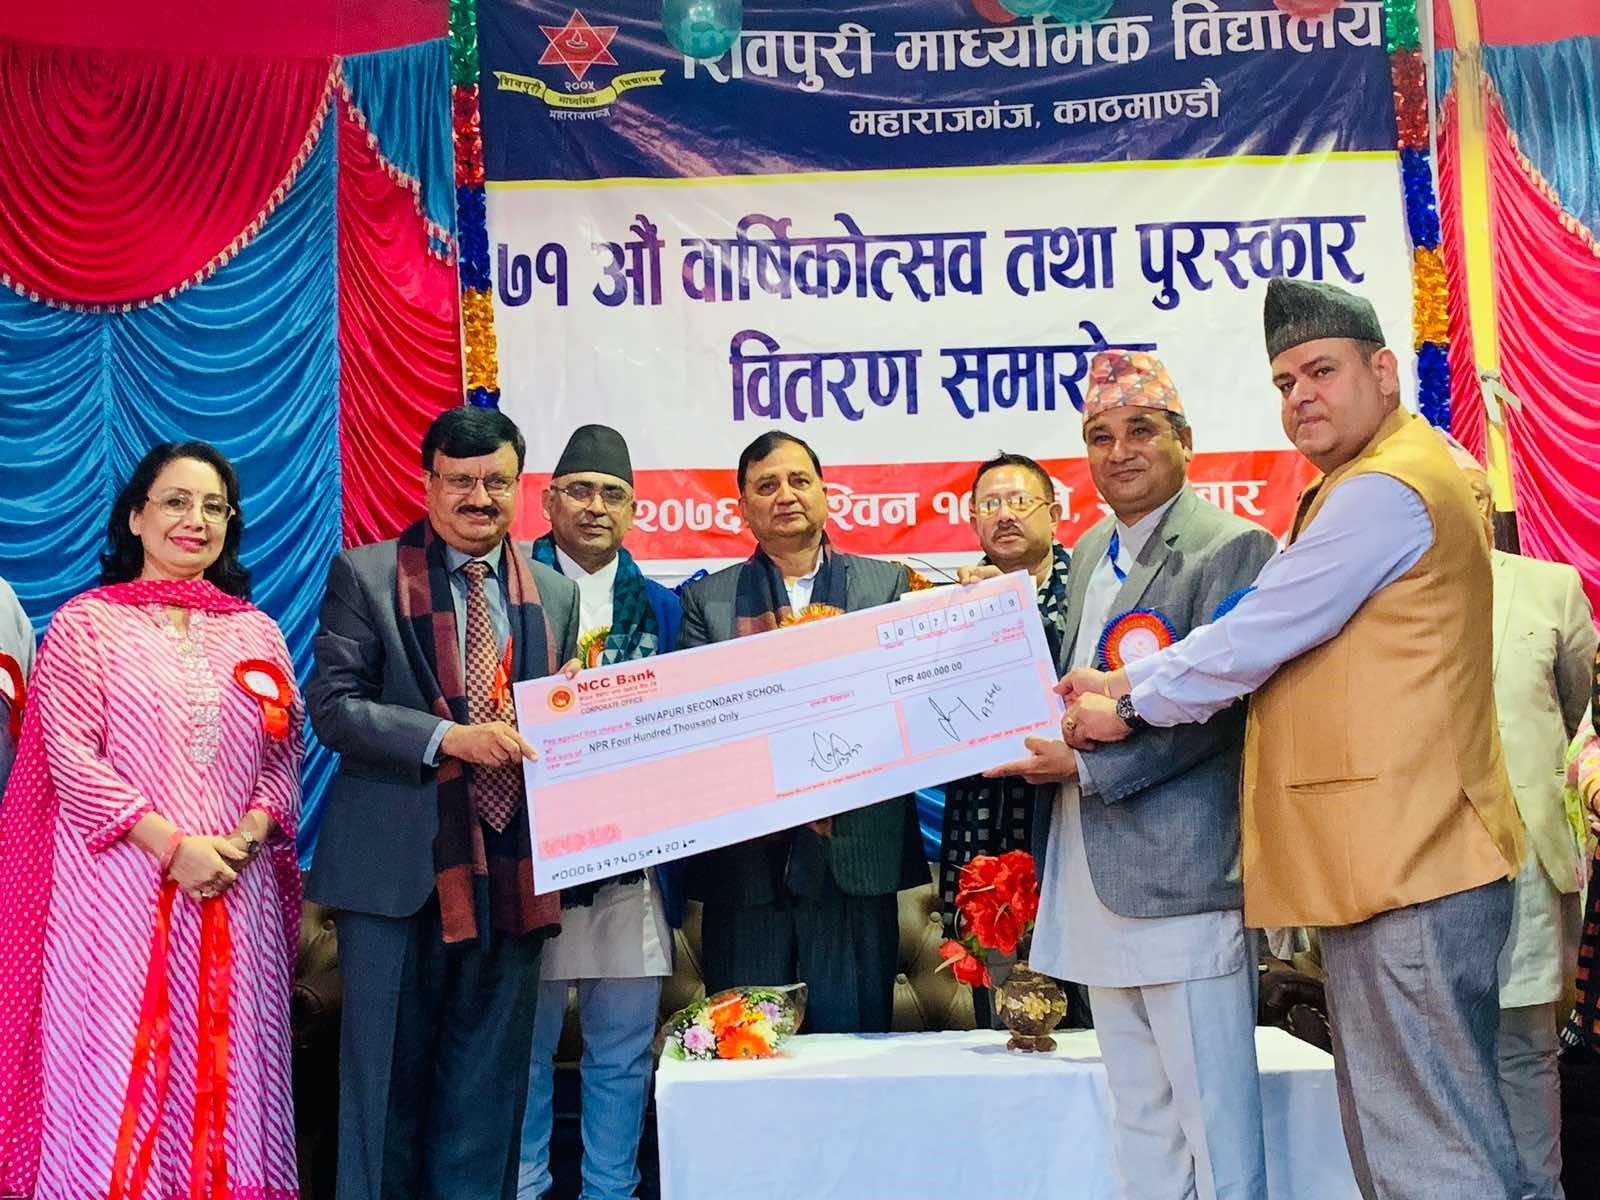 शिवपुरी माविलाई एनसीसी बैंकको ४ लाख आर्थिक सहयोग